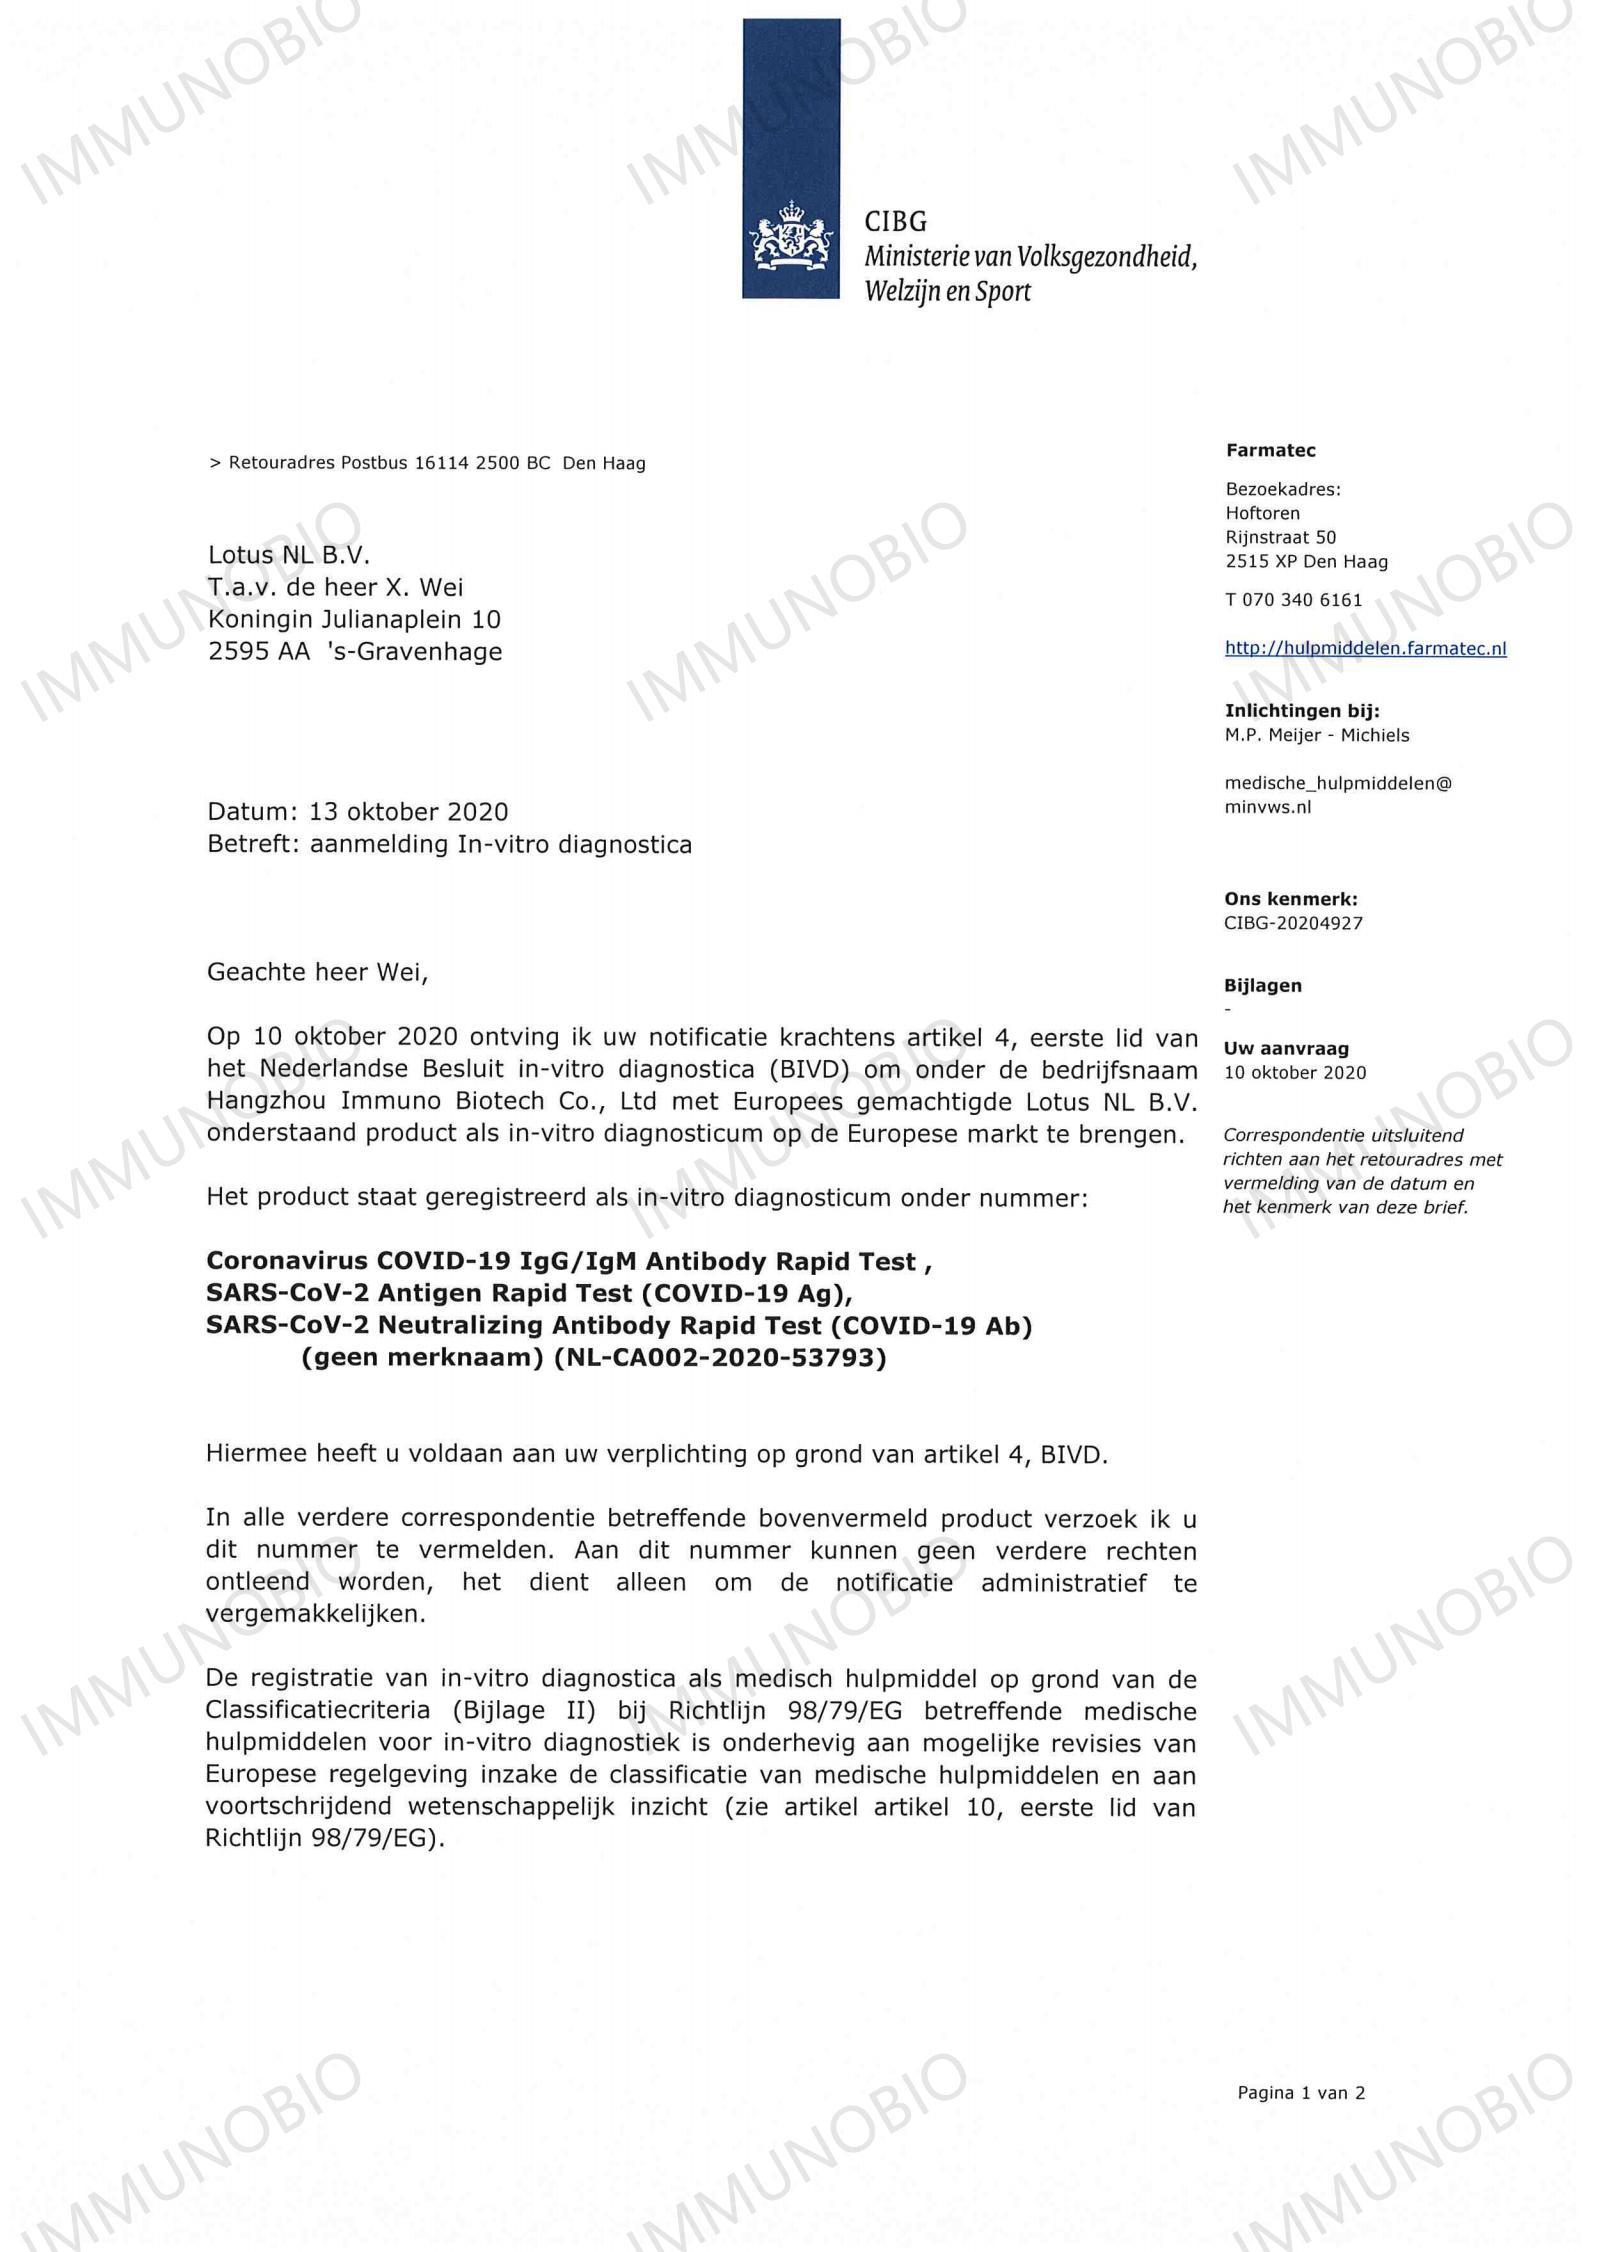 20204927-0007Hangzhou Immuno Biotech Co., Ltd (杭州亿米诺生物科技有限公司)_00